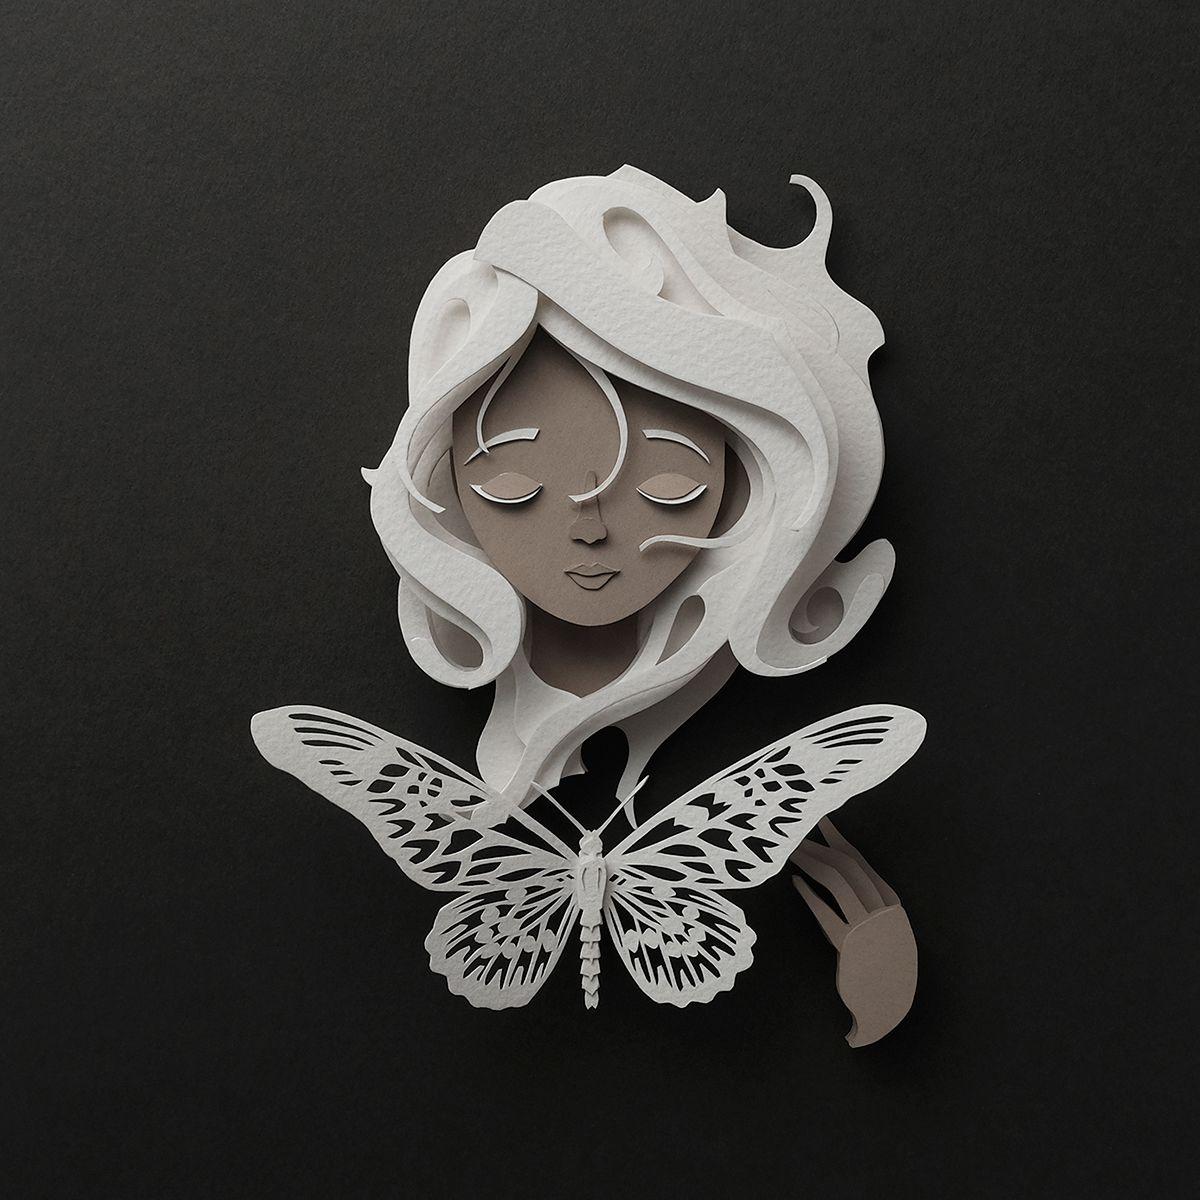 Frau mit weißen Haaren und ein Schmetterling